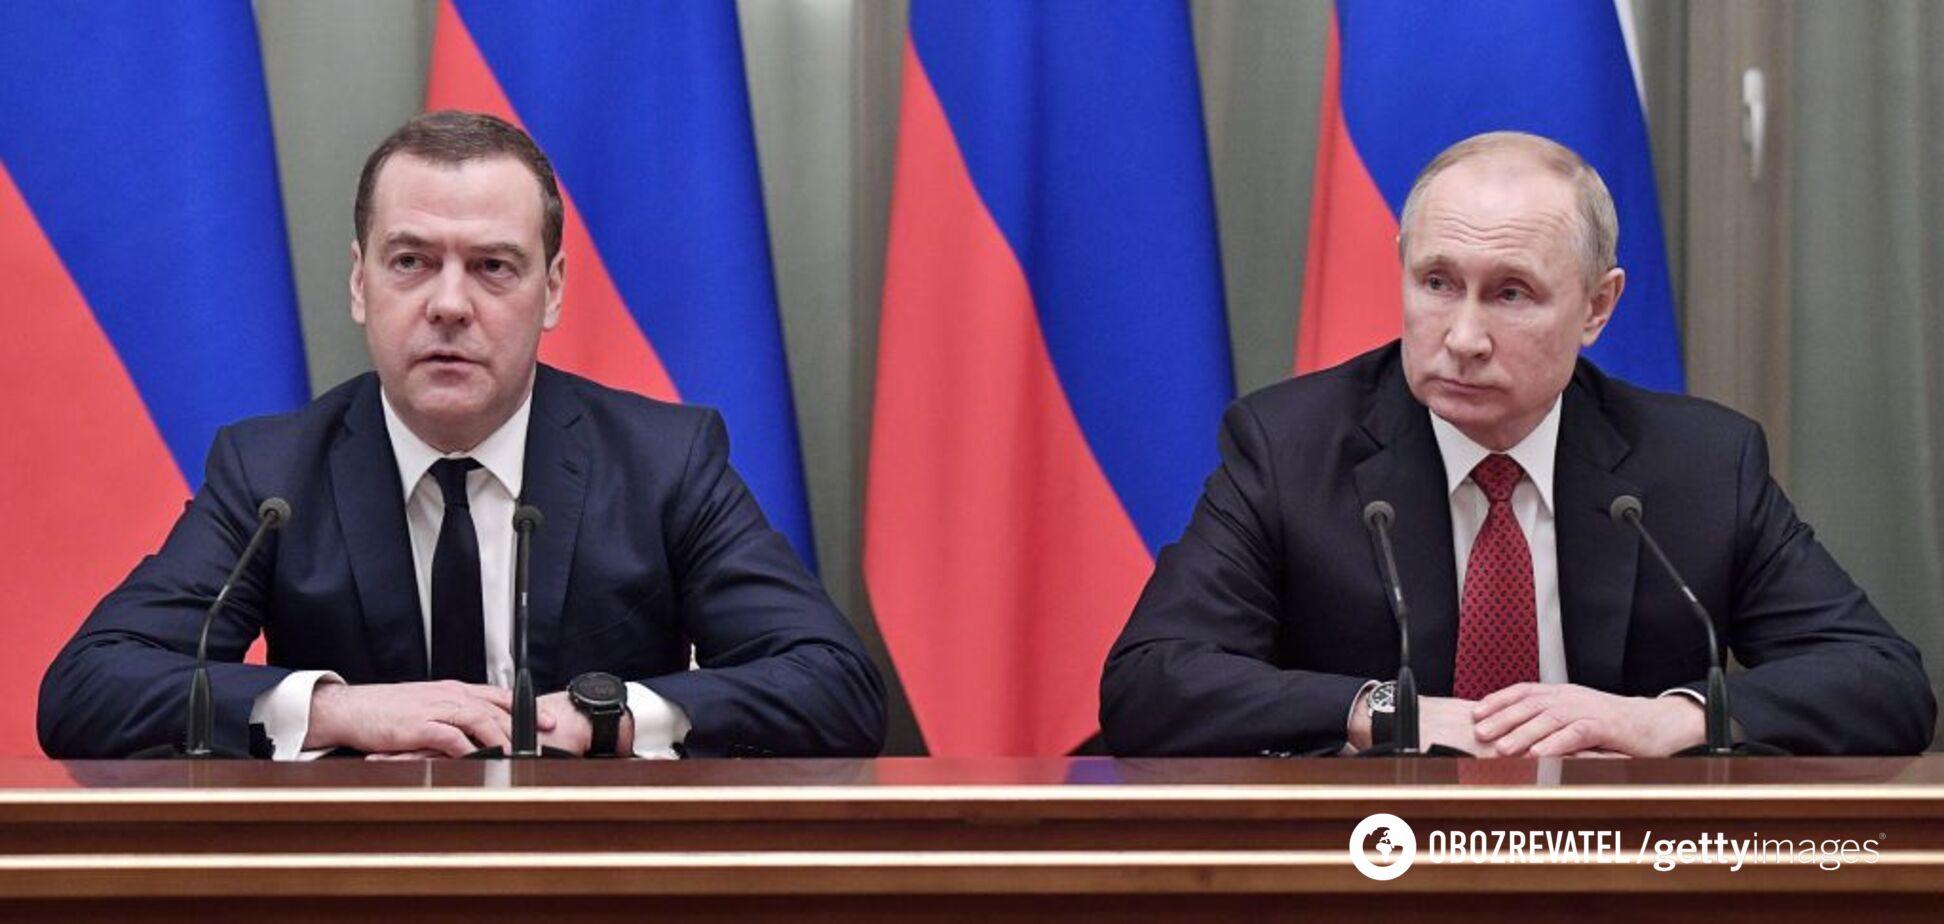 Кабмин России ушел в отставку сразу после послания Путина